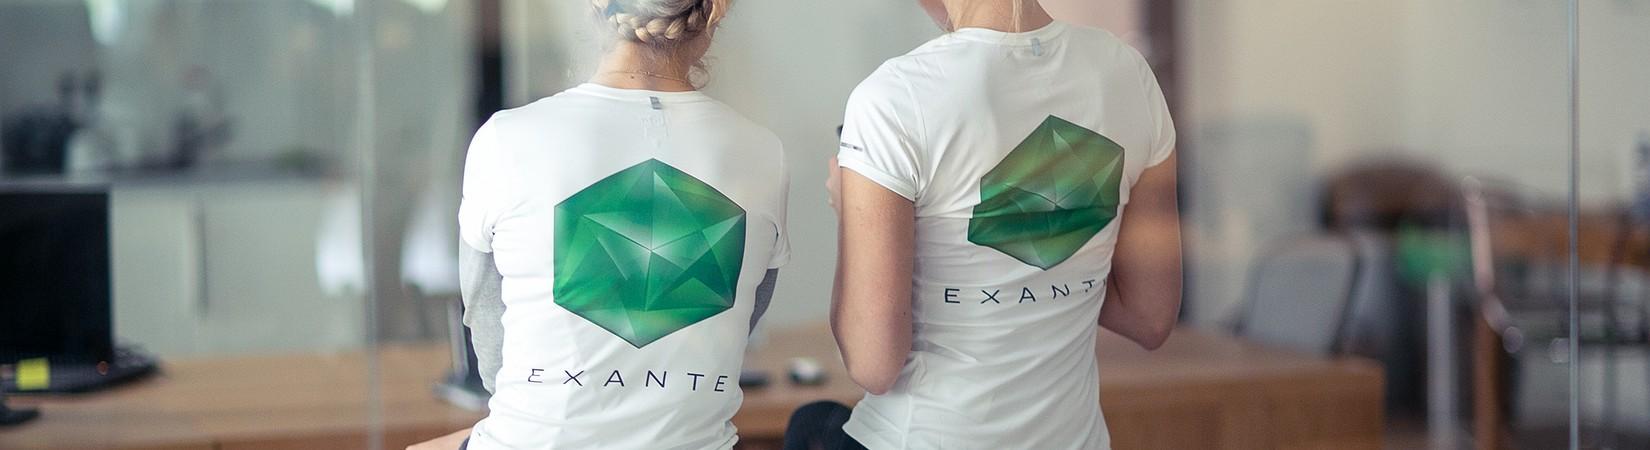 Il broker EXANTE lancia 5 fondi dedicati alle criptovalute